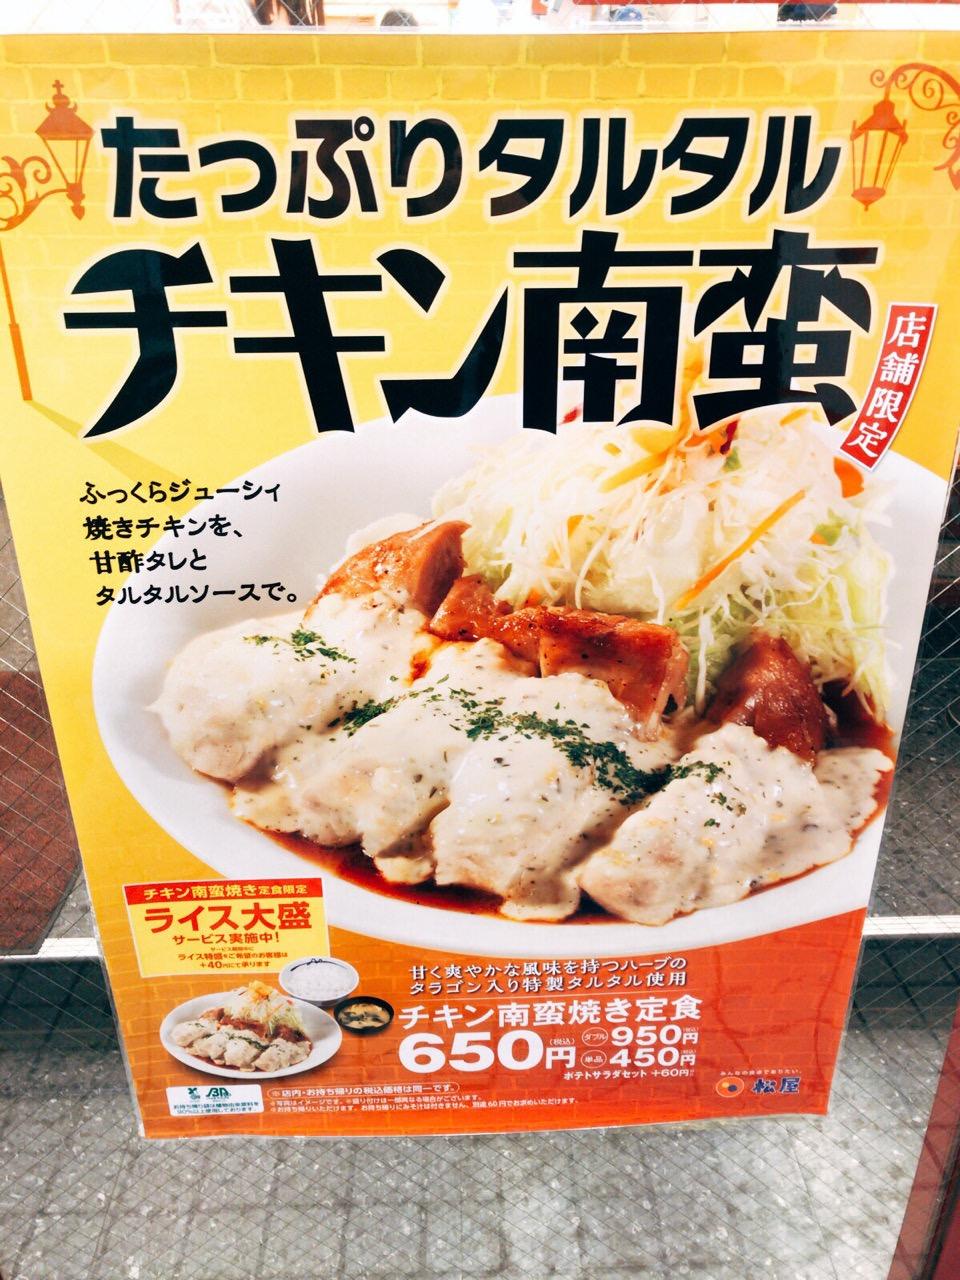 【松屋】店舗限定メニュー「チキン南蛮焼き定食」1